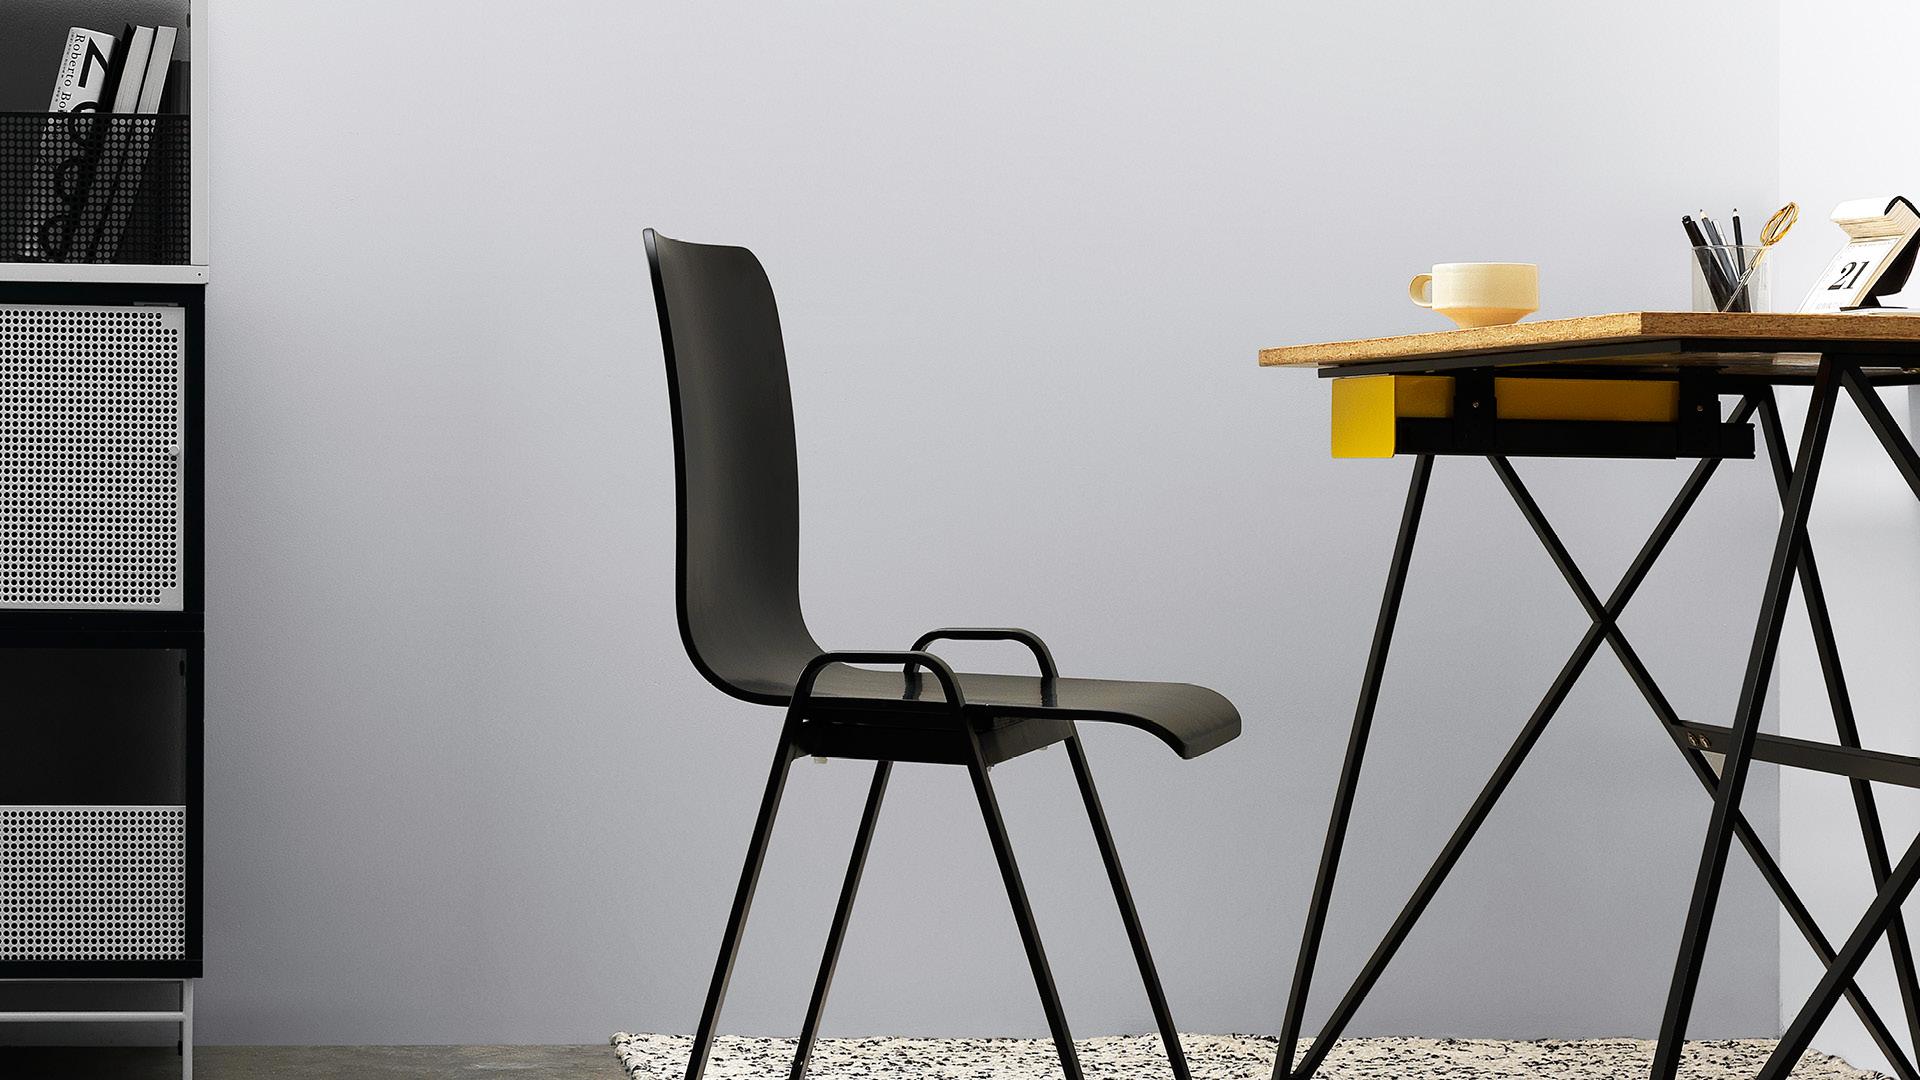 呼应X Desk同样设计语言的支撑腿,空心铁的大气工业感,烘托出工作室严谨思索又放松无压的平衡氛围。?x-oss-process=image/format,jpg/interlace,1